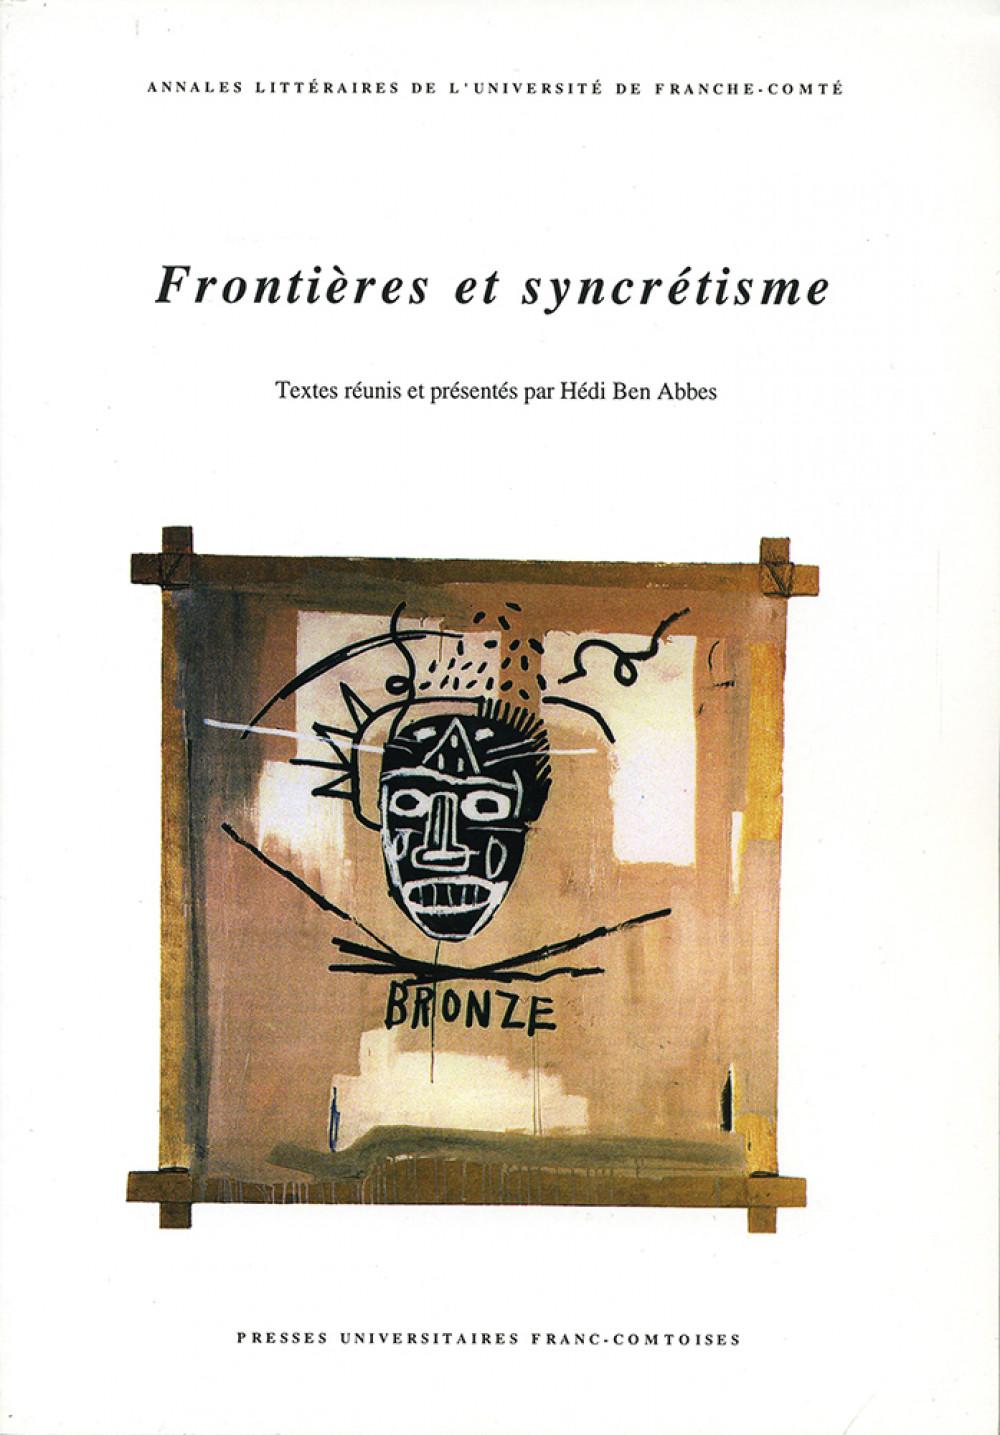 Frontières et syncrétisme